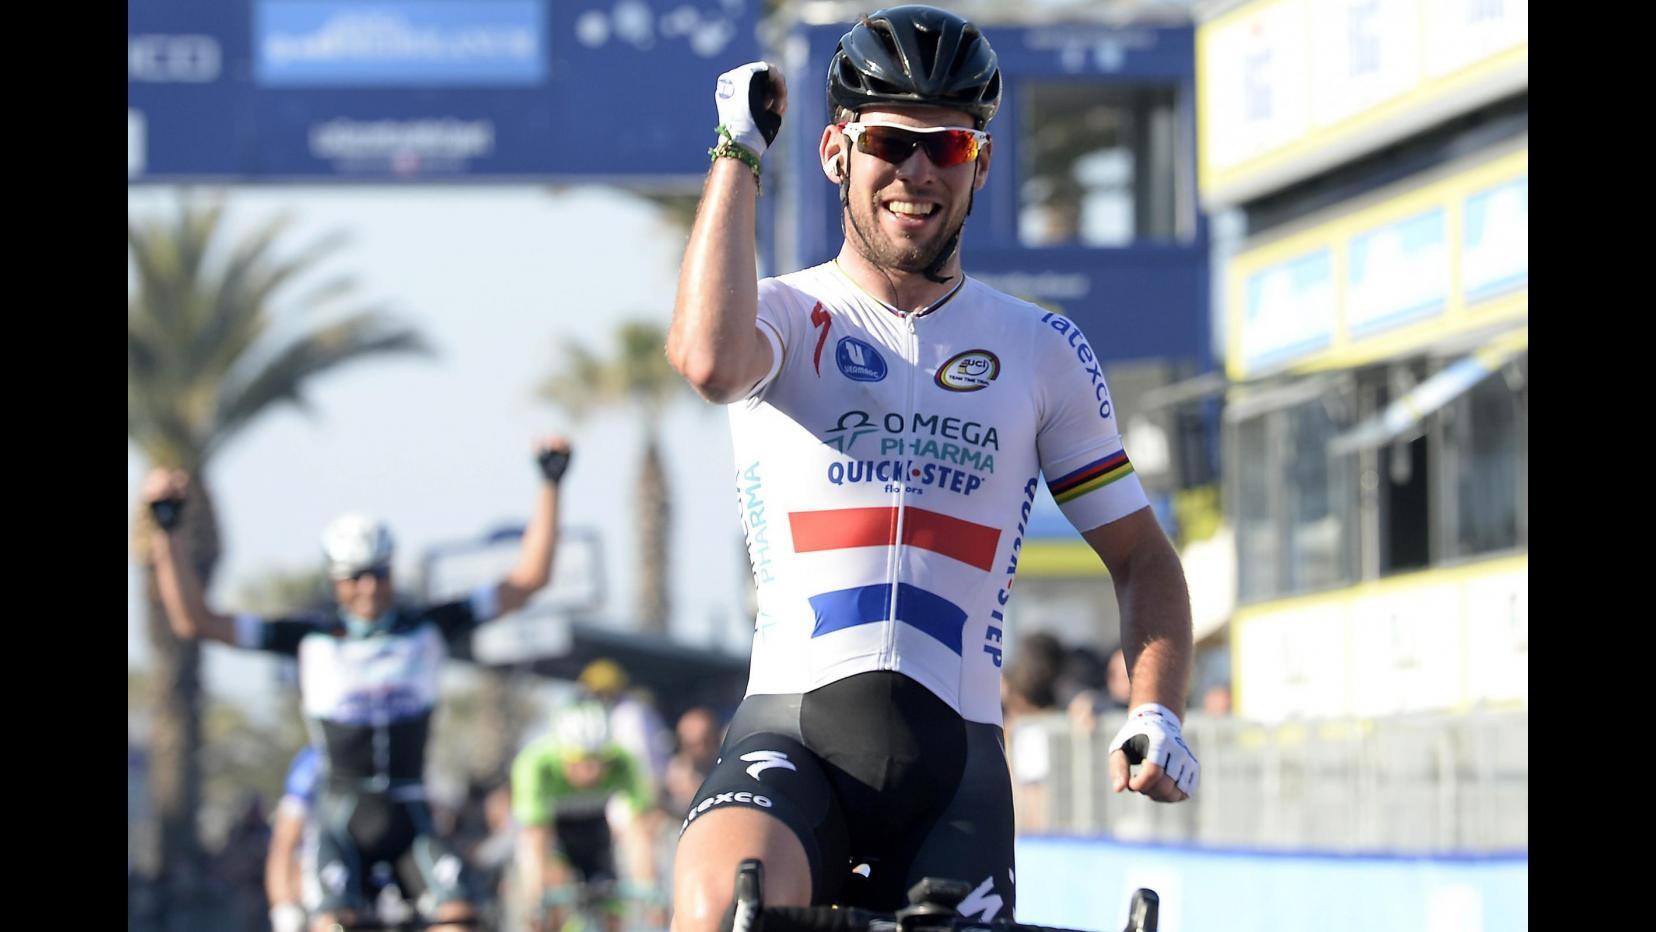 Ciclismo, Tirreno-Adriatico: Cavendish domina sesta tappa allo sprint, 2° Petacchi